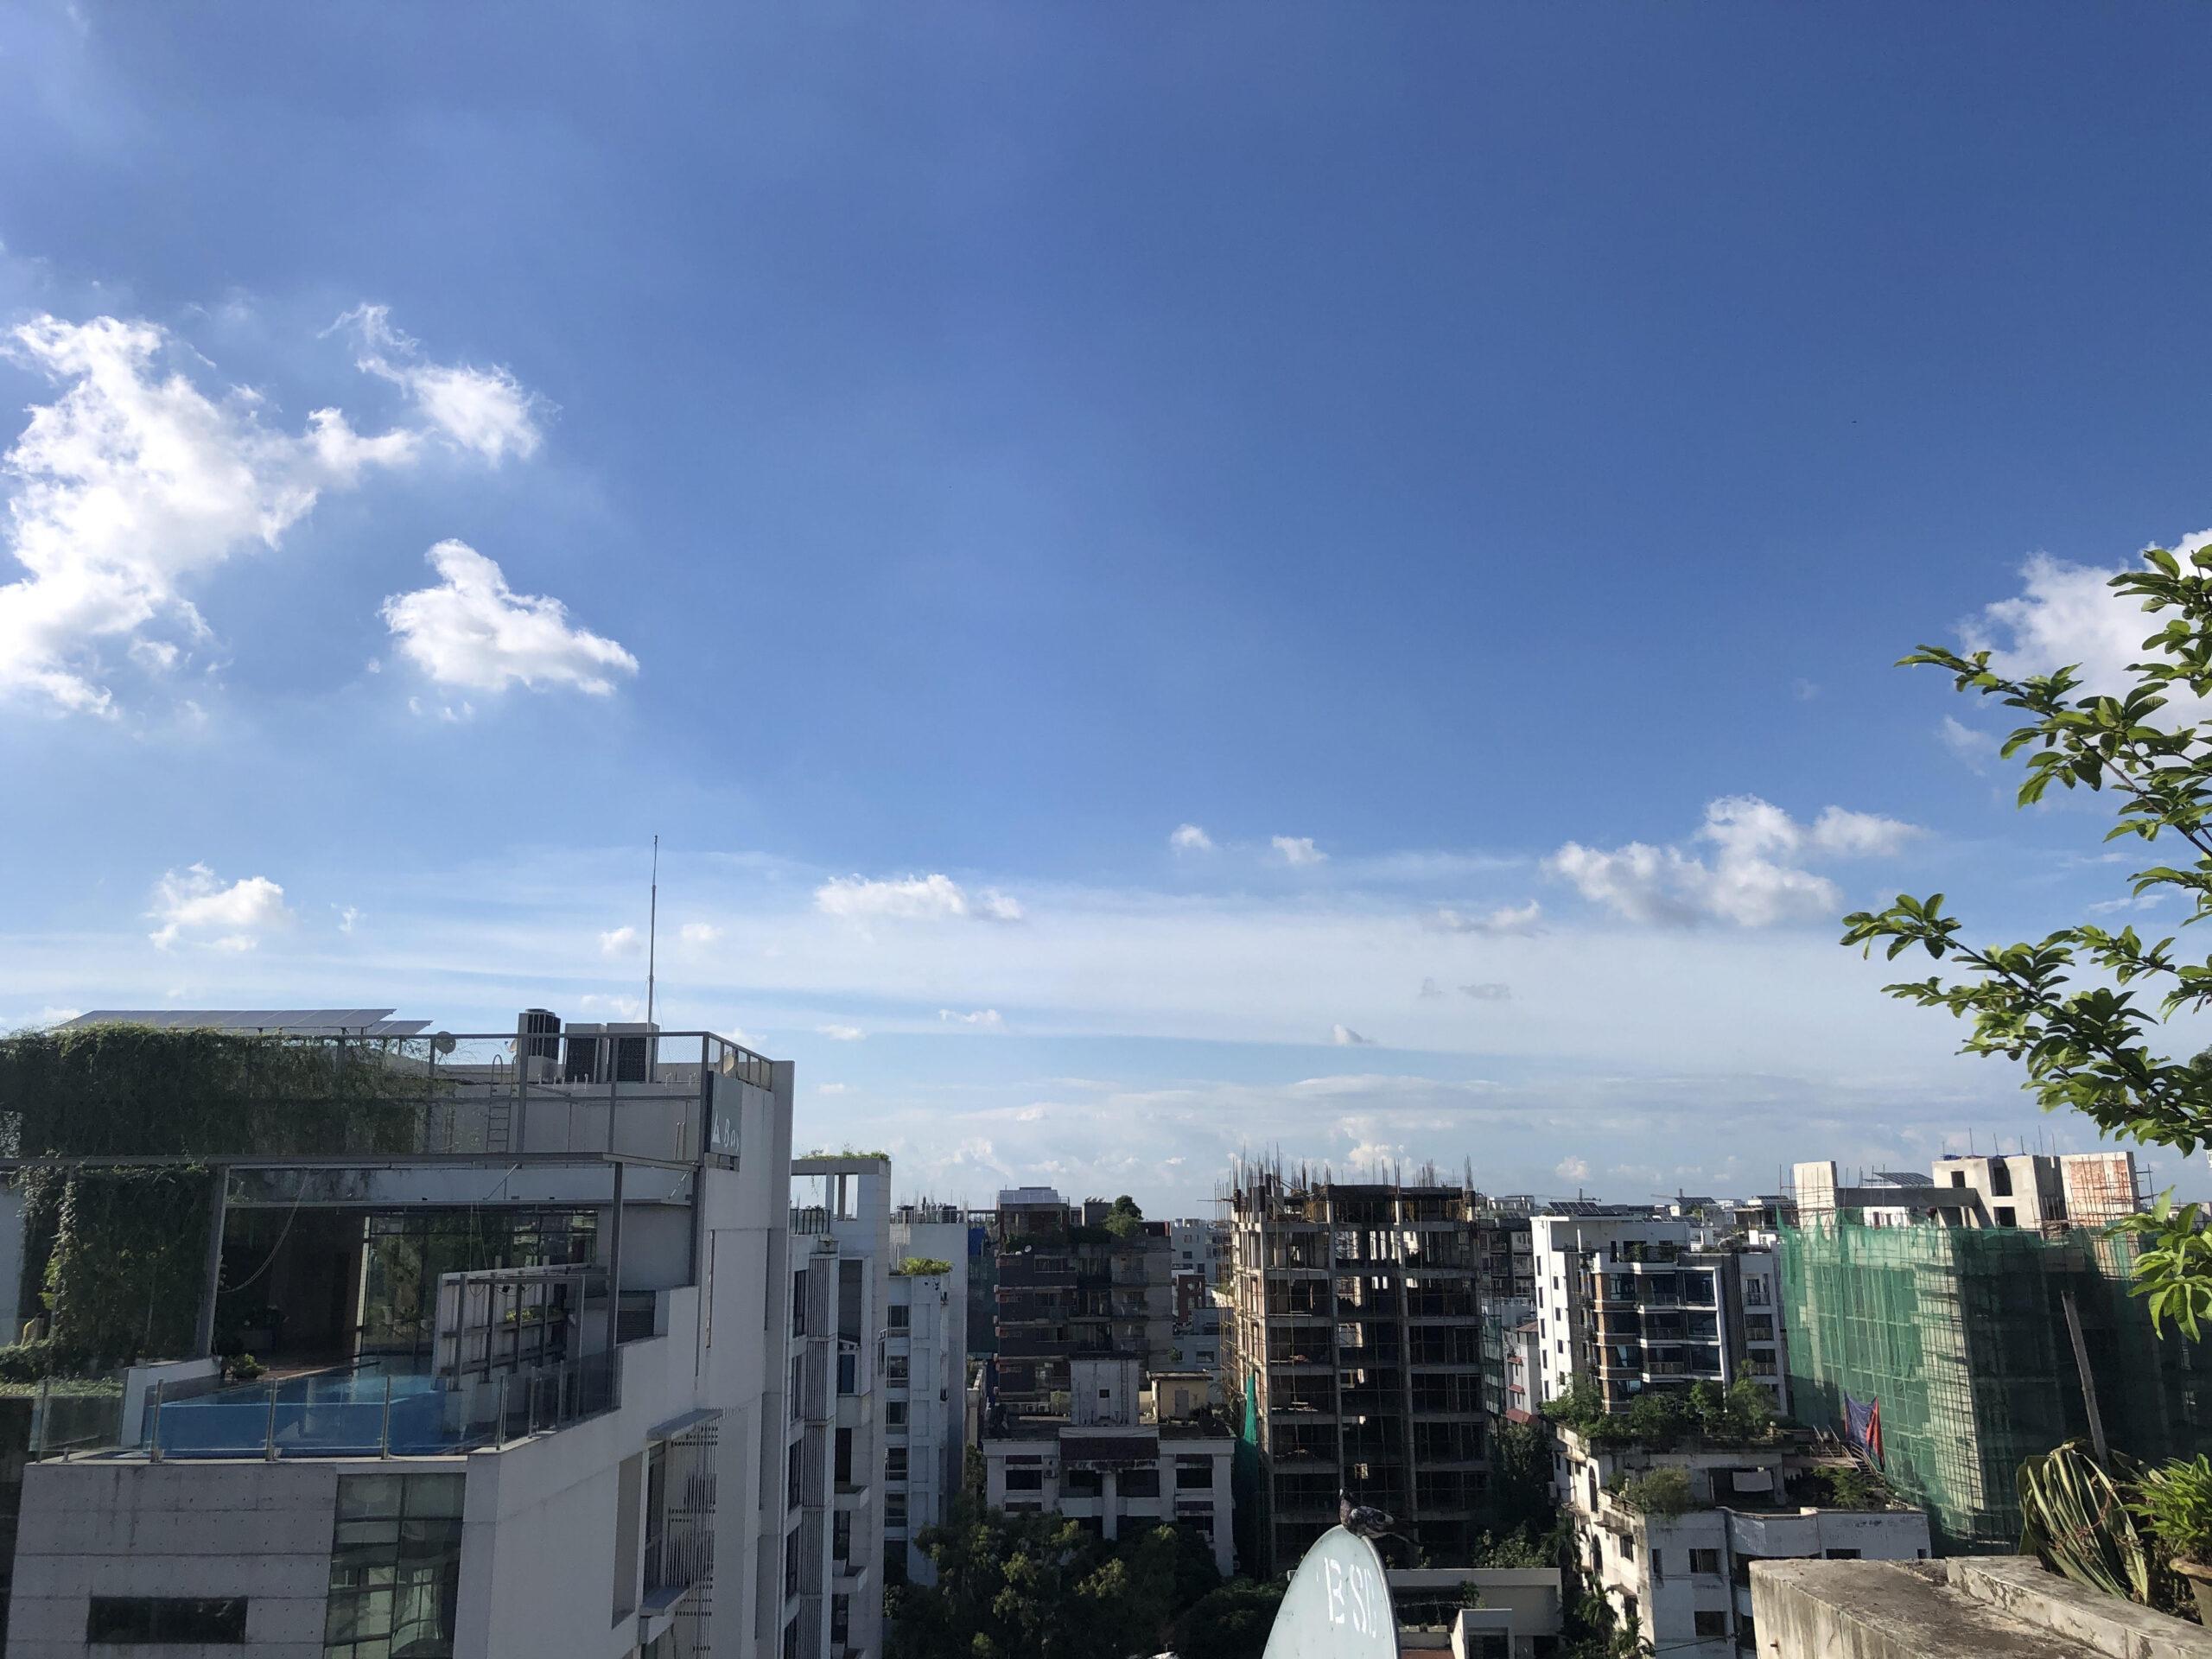 ダッカで珍しい青空、澄んだ空気に癒される